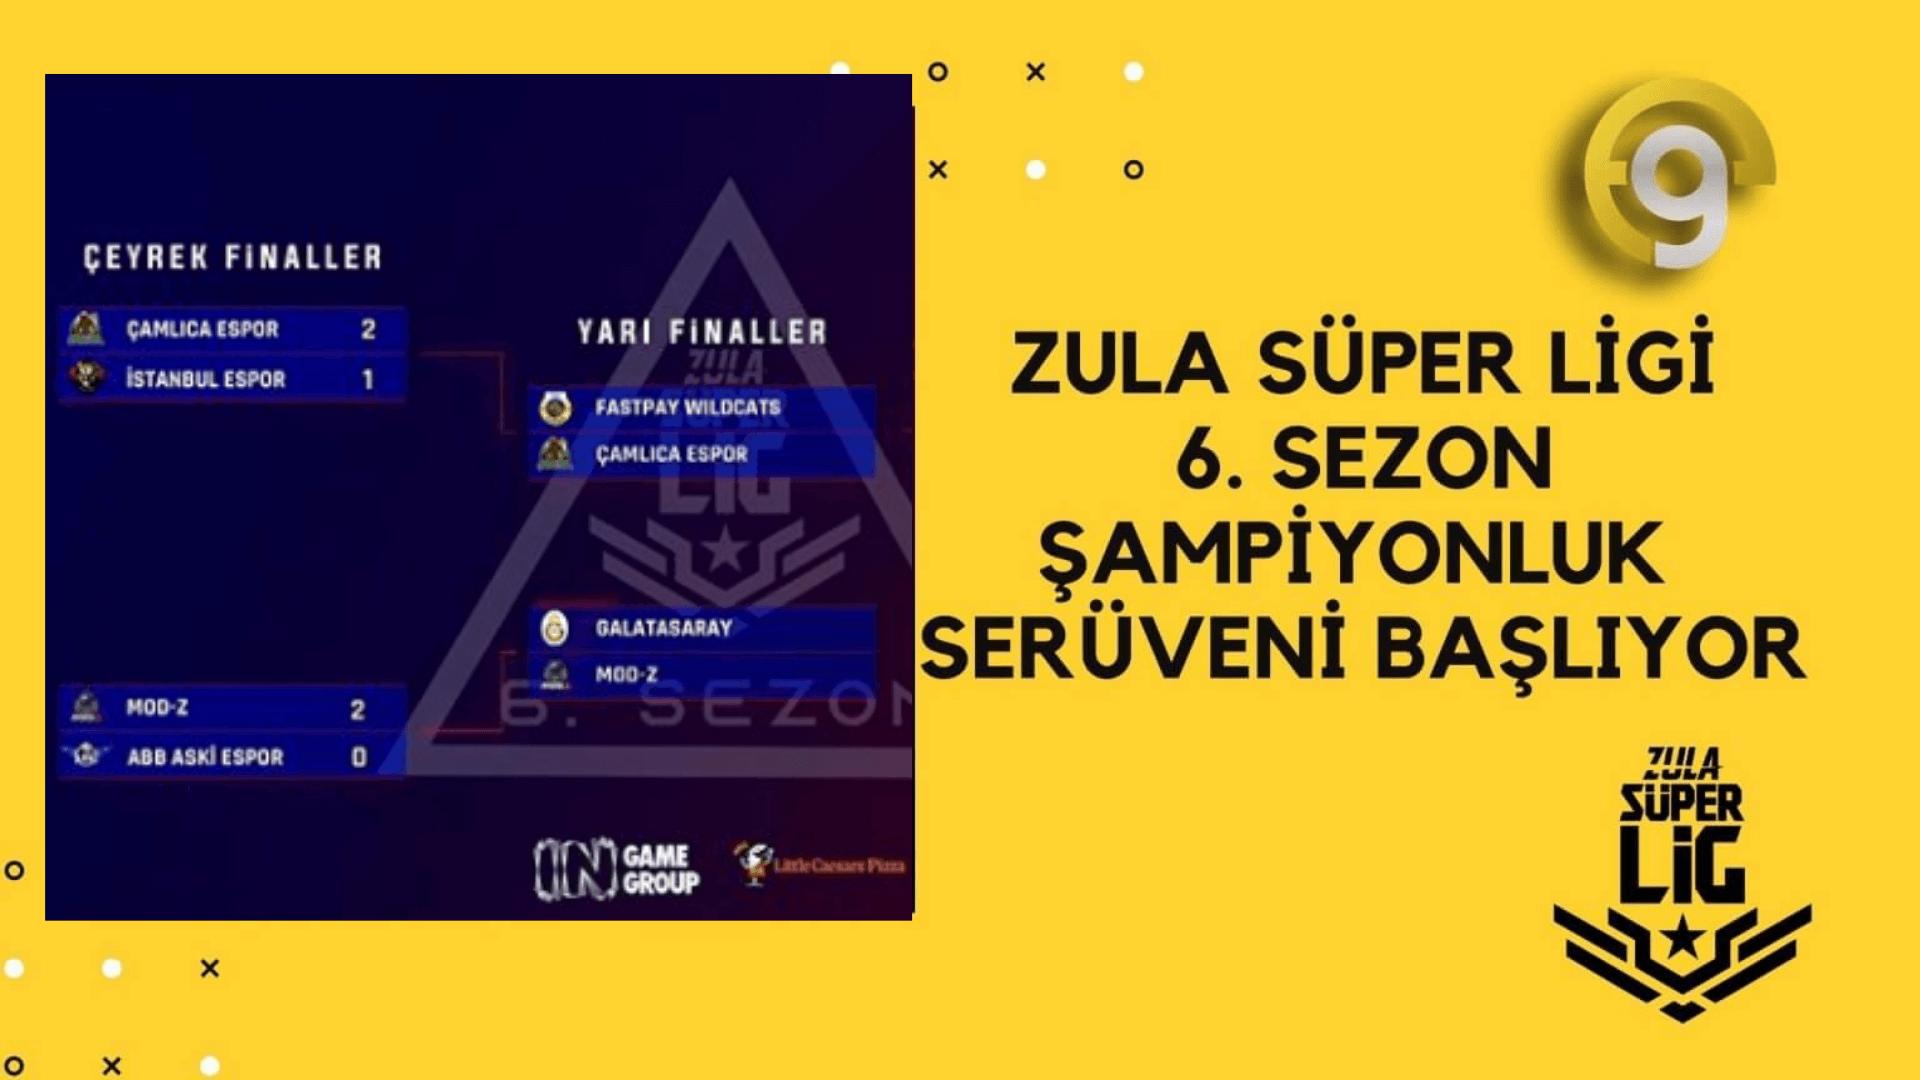 zula yari final